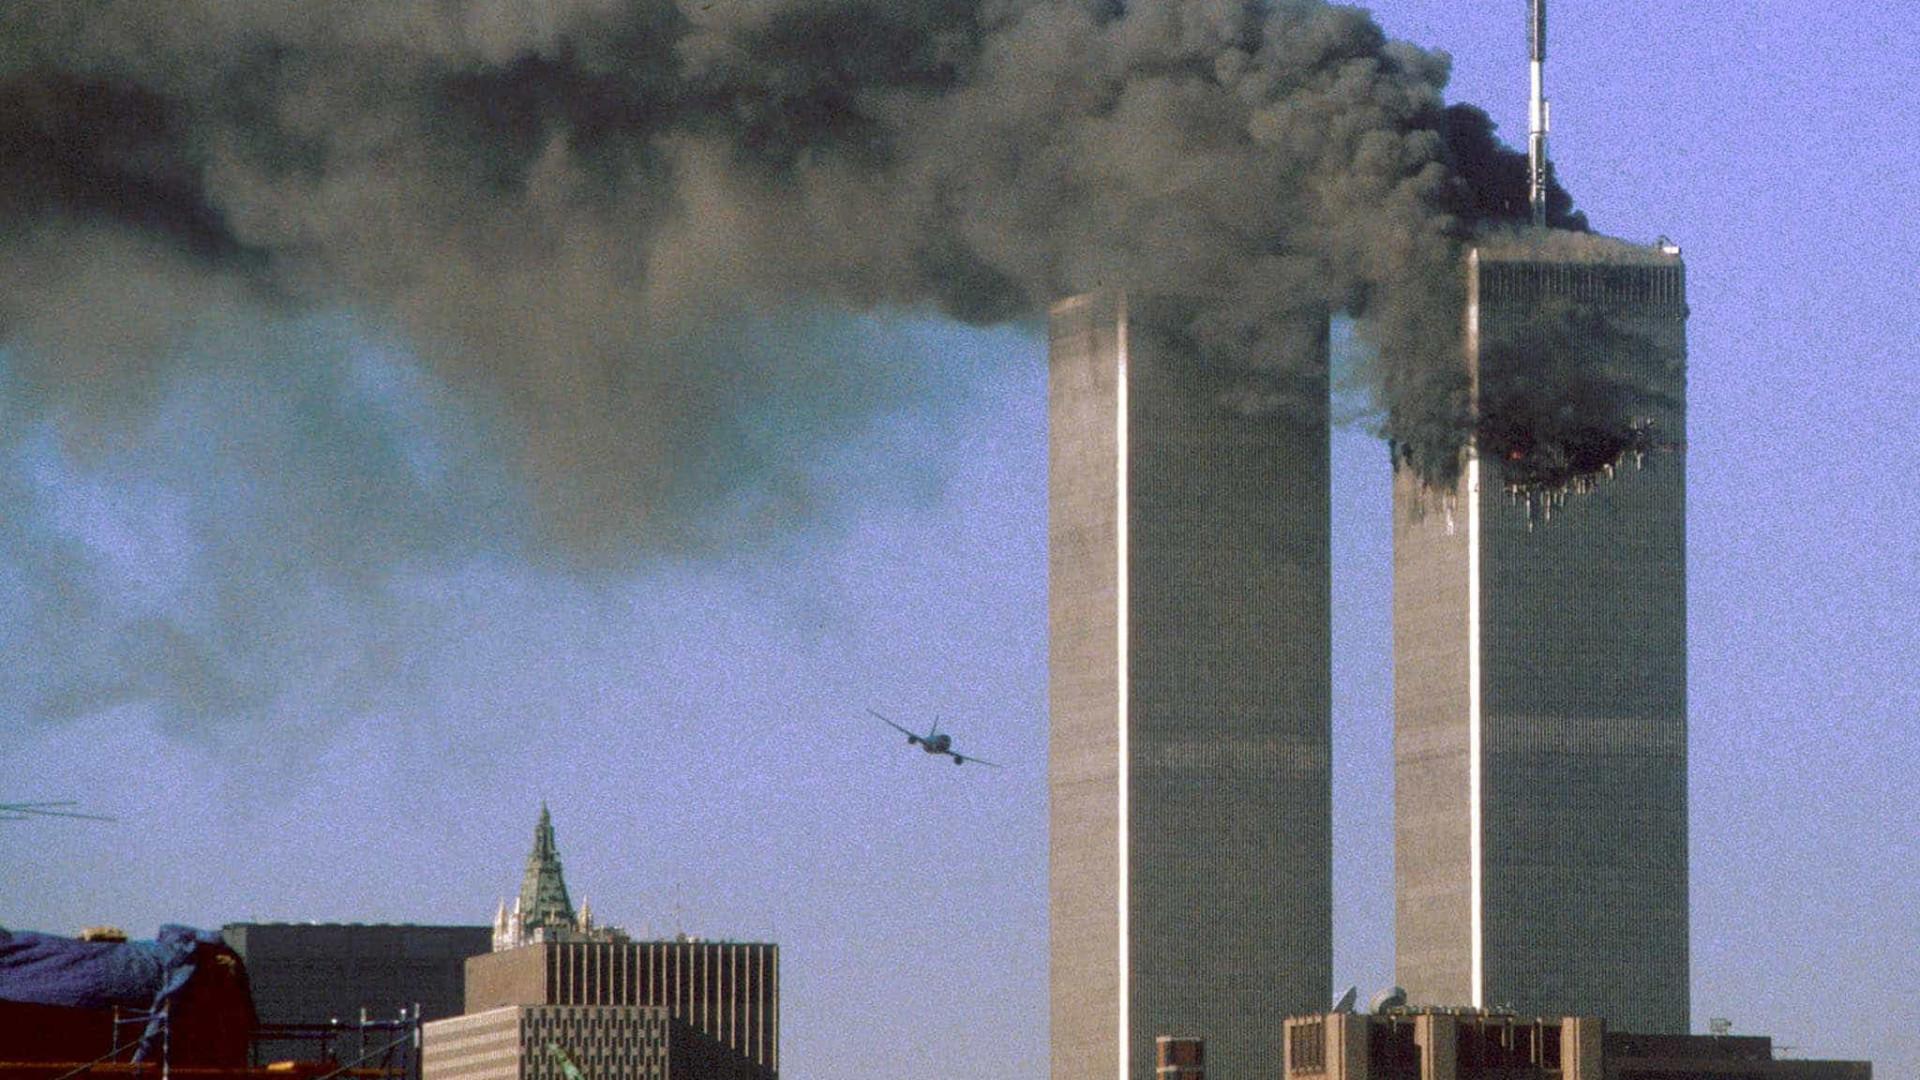 Imagens restauradas mostram drama de ataques de 11 de Setembro